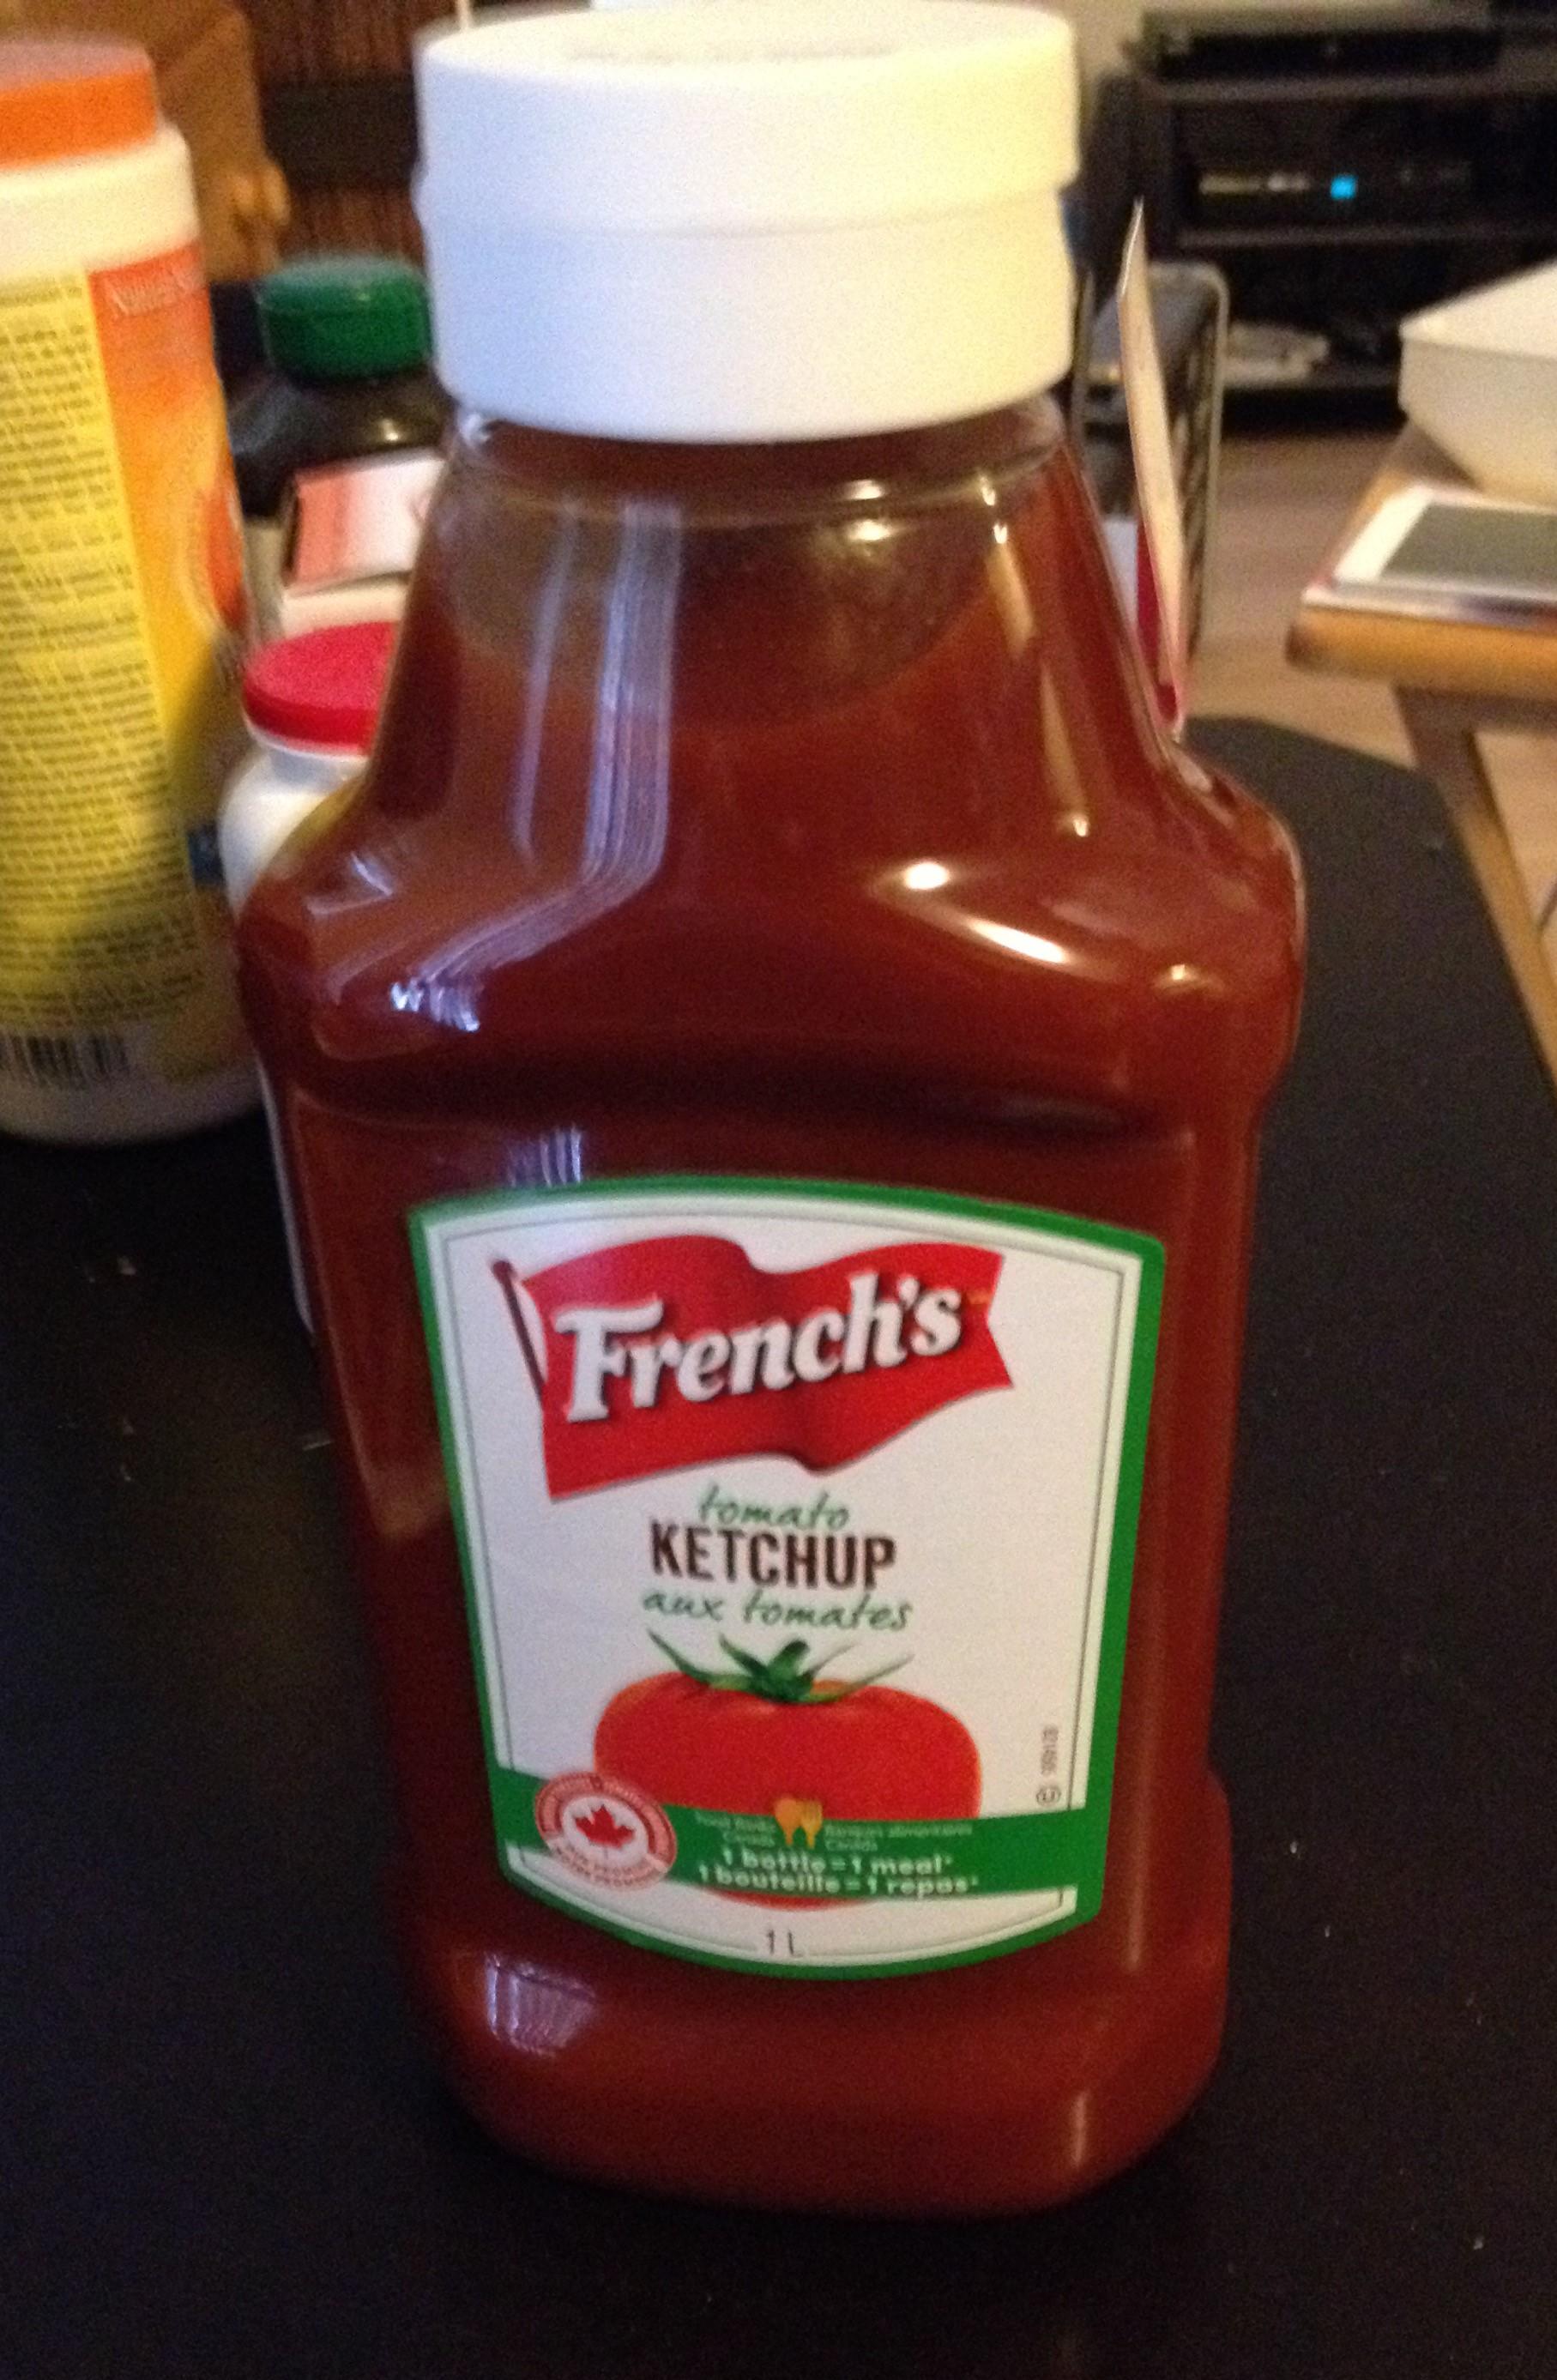 Frenchs_ketchup (1)